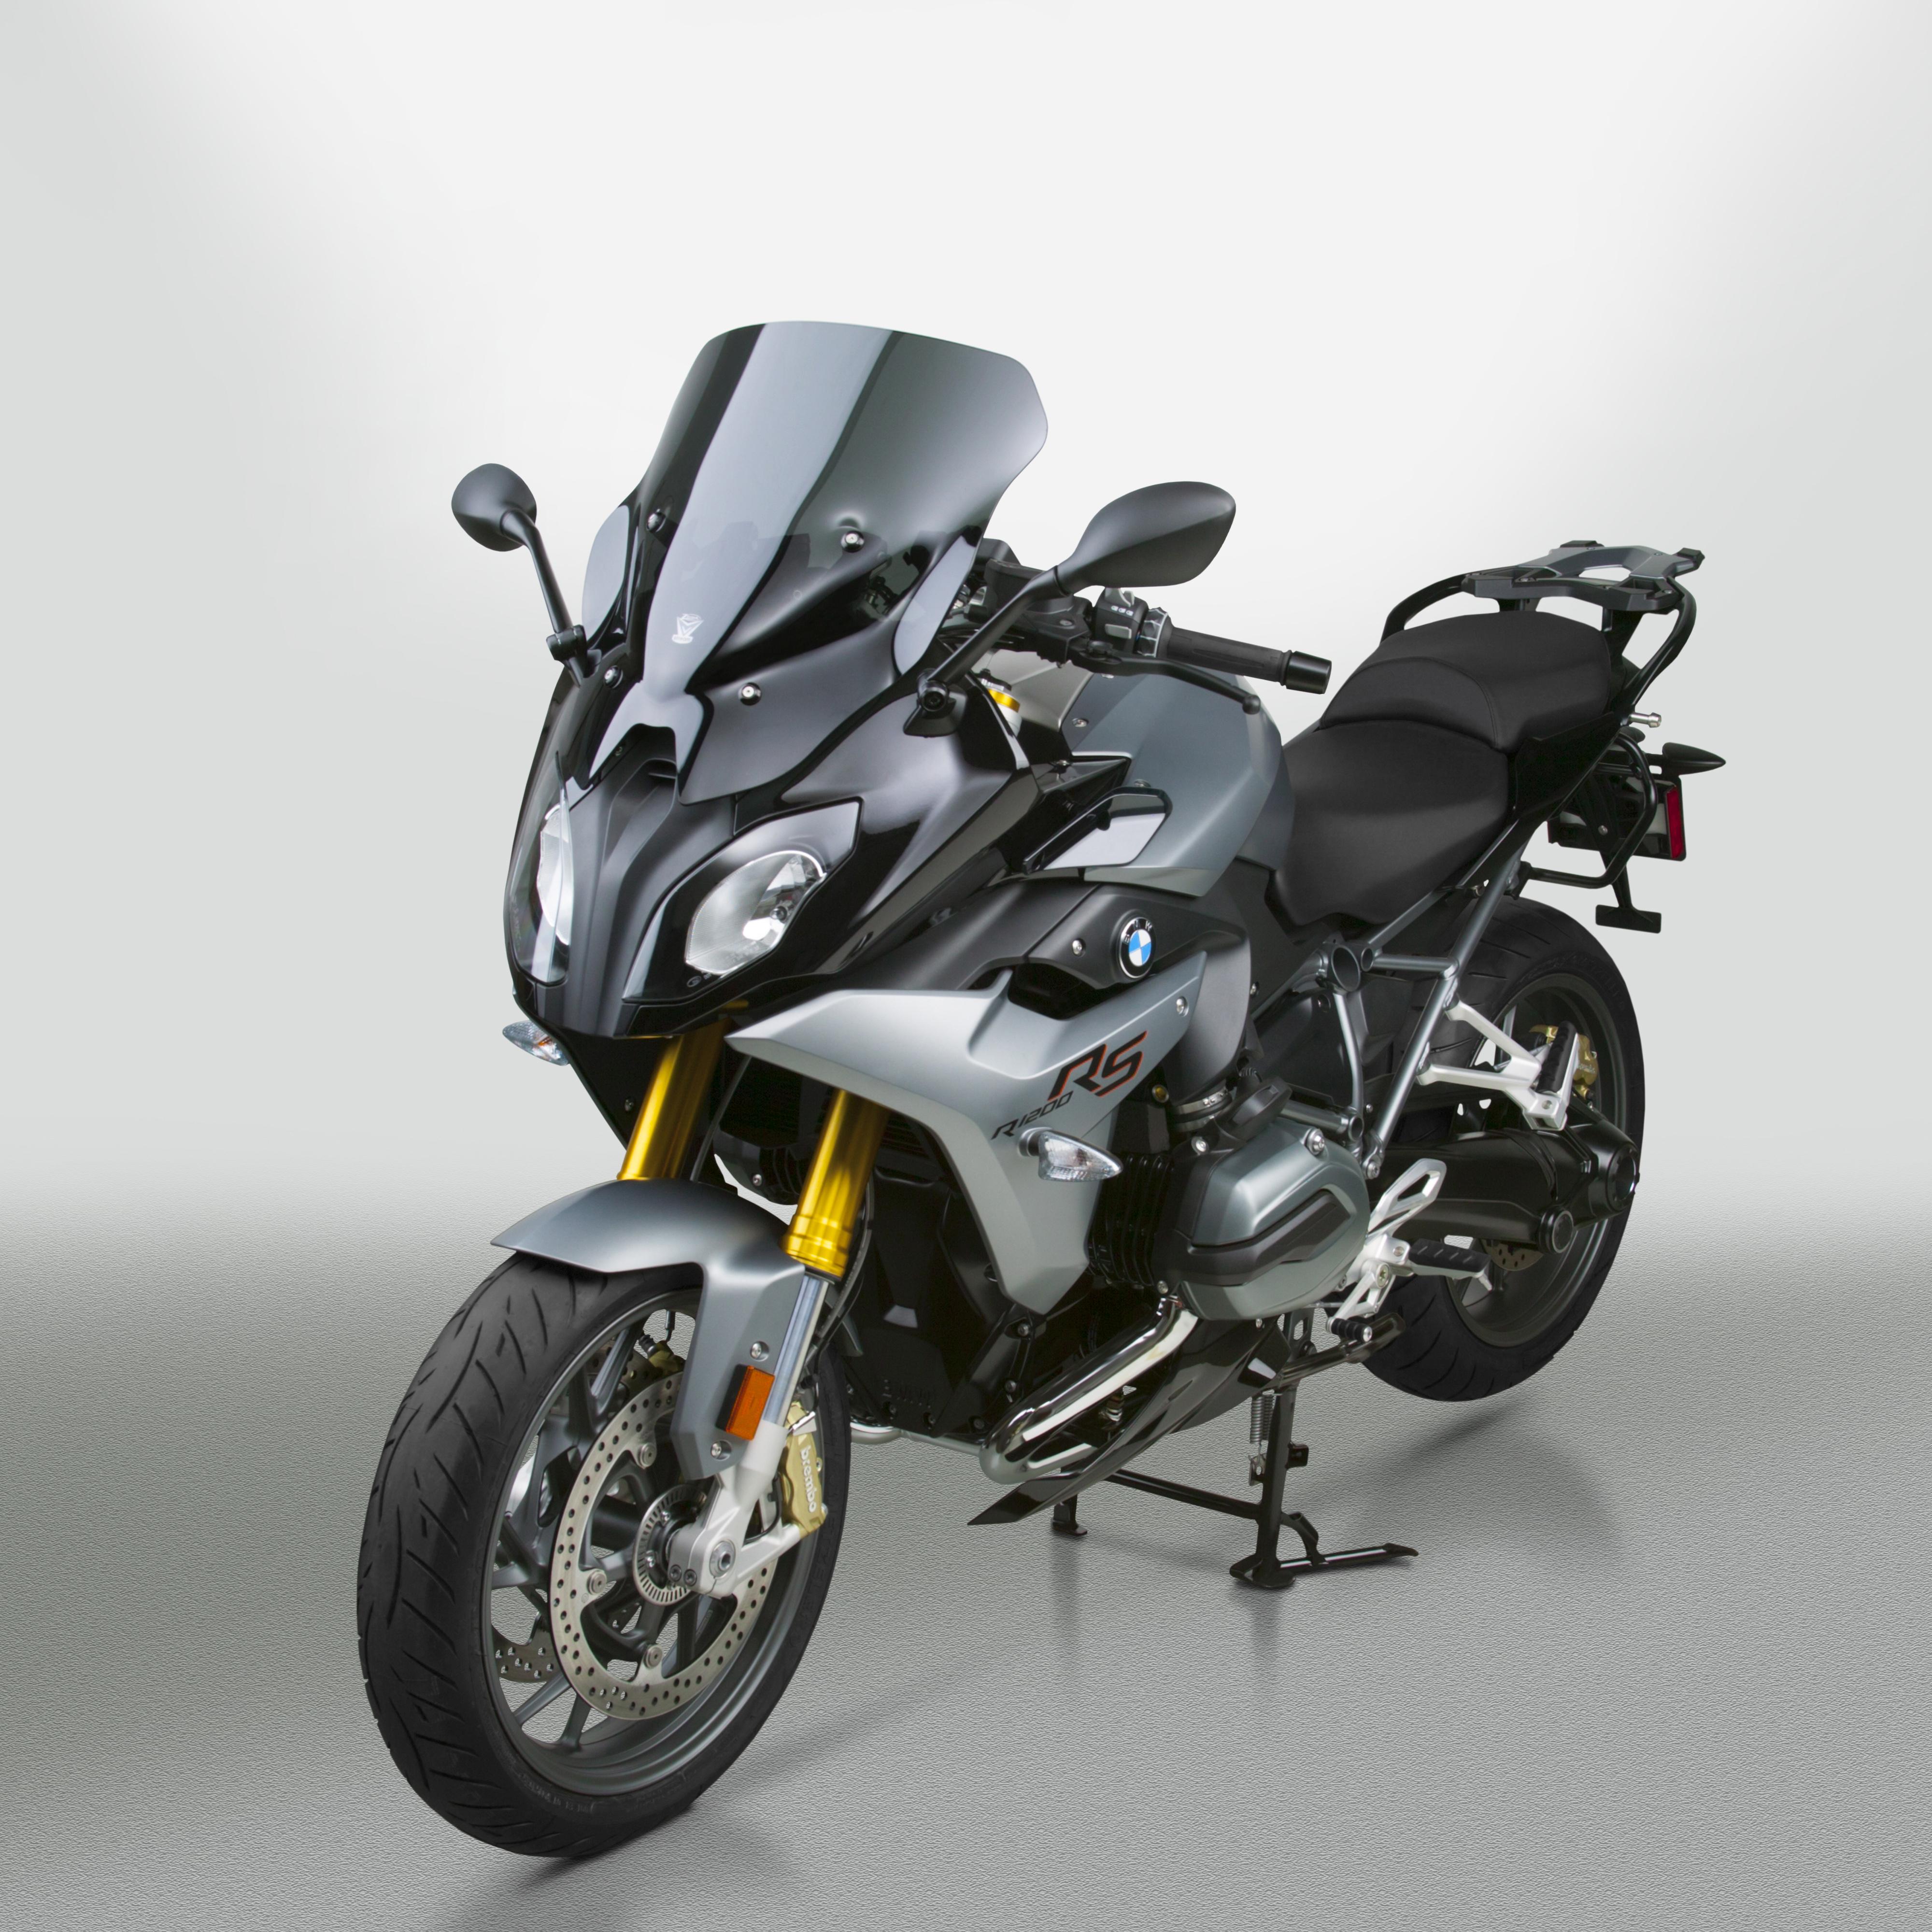 ztechnik pare brise pour bmw r 1200 rs lc 2015 accessoires moto hornig accessoire pour. Black Bedroom Furniture Sets. Home Design Ideas